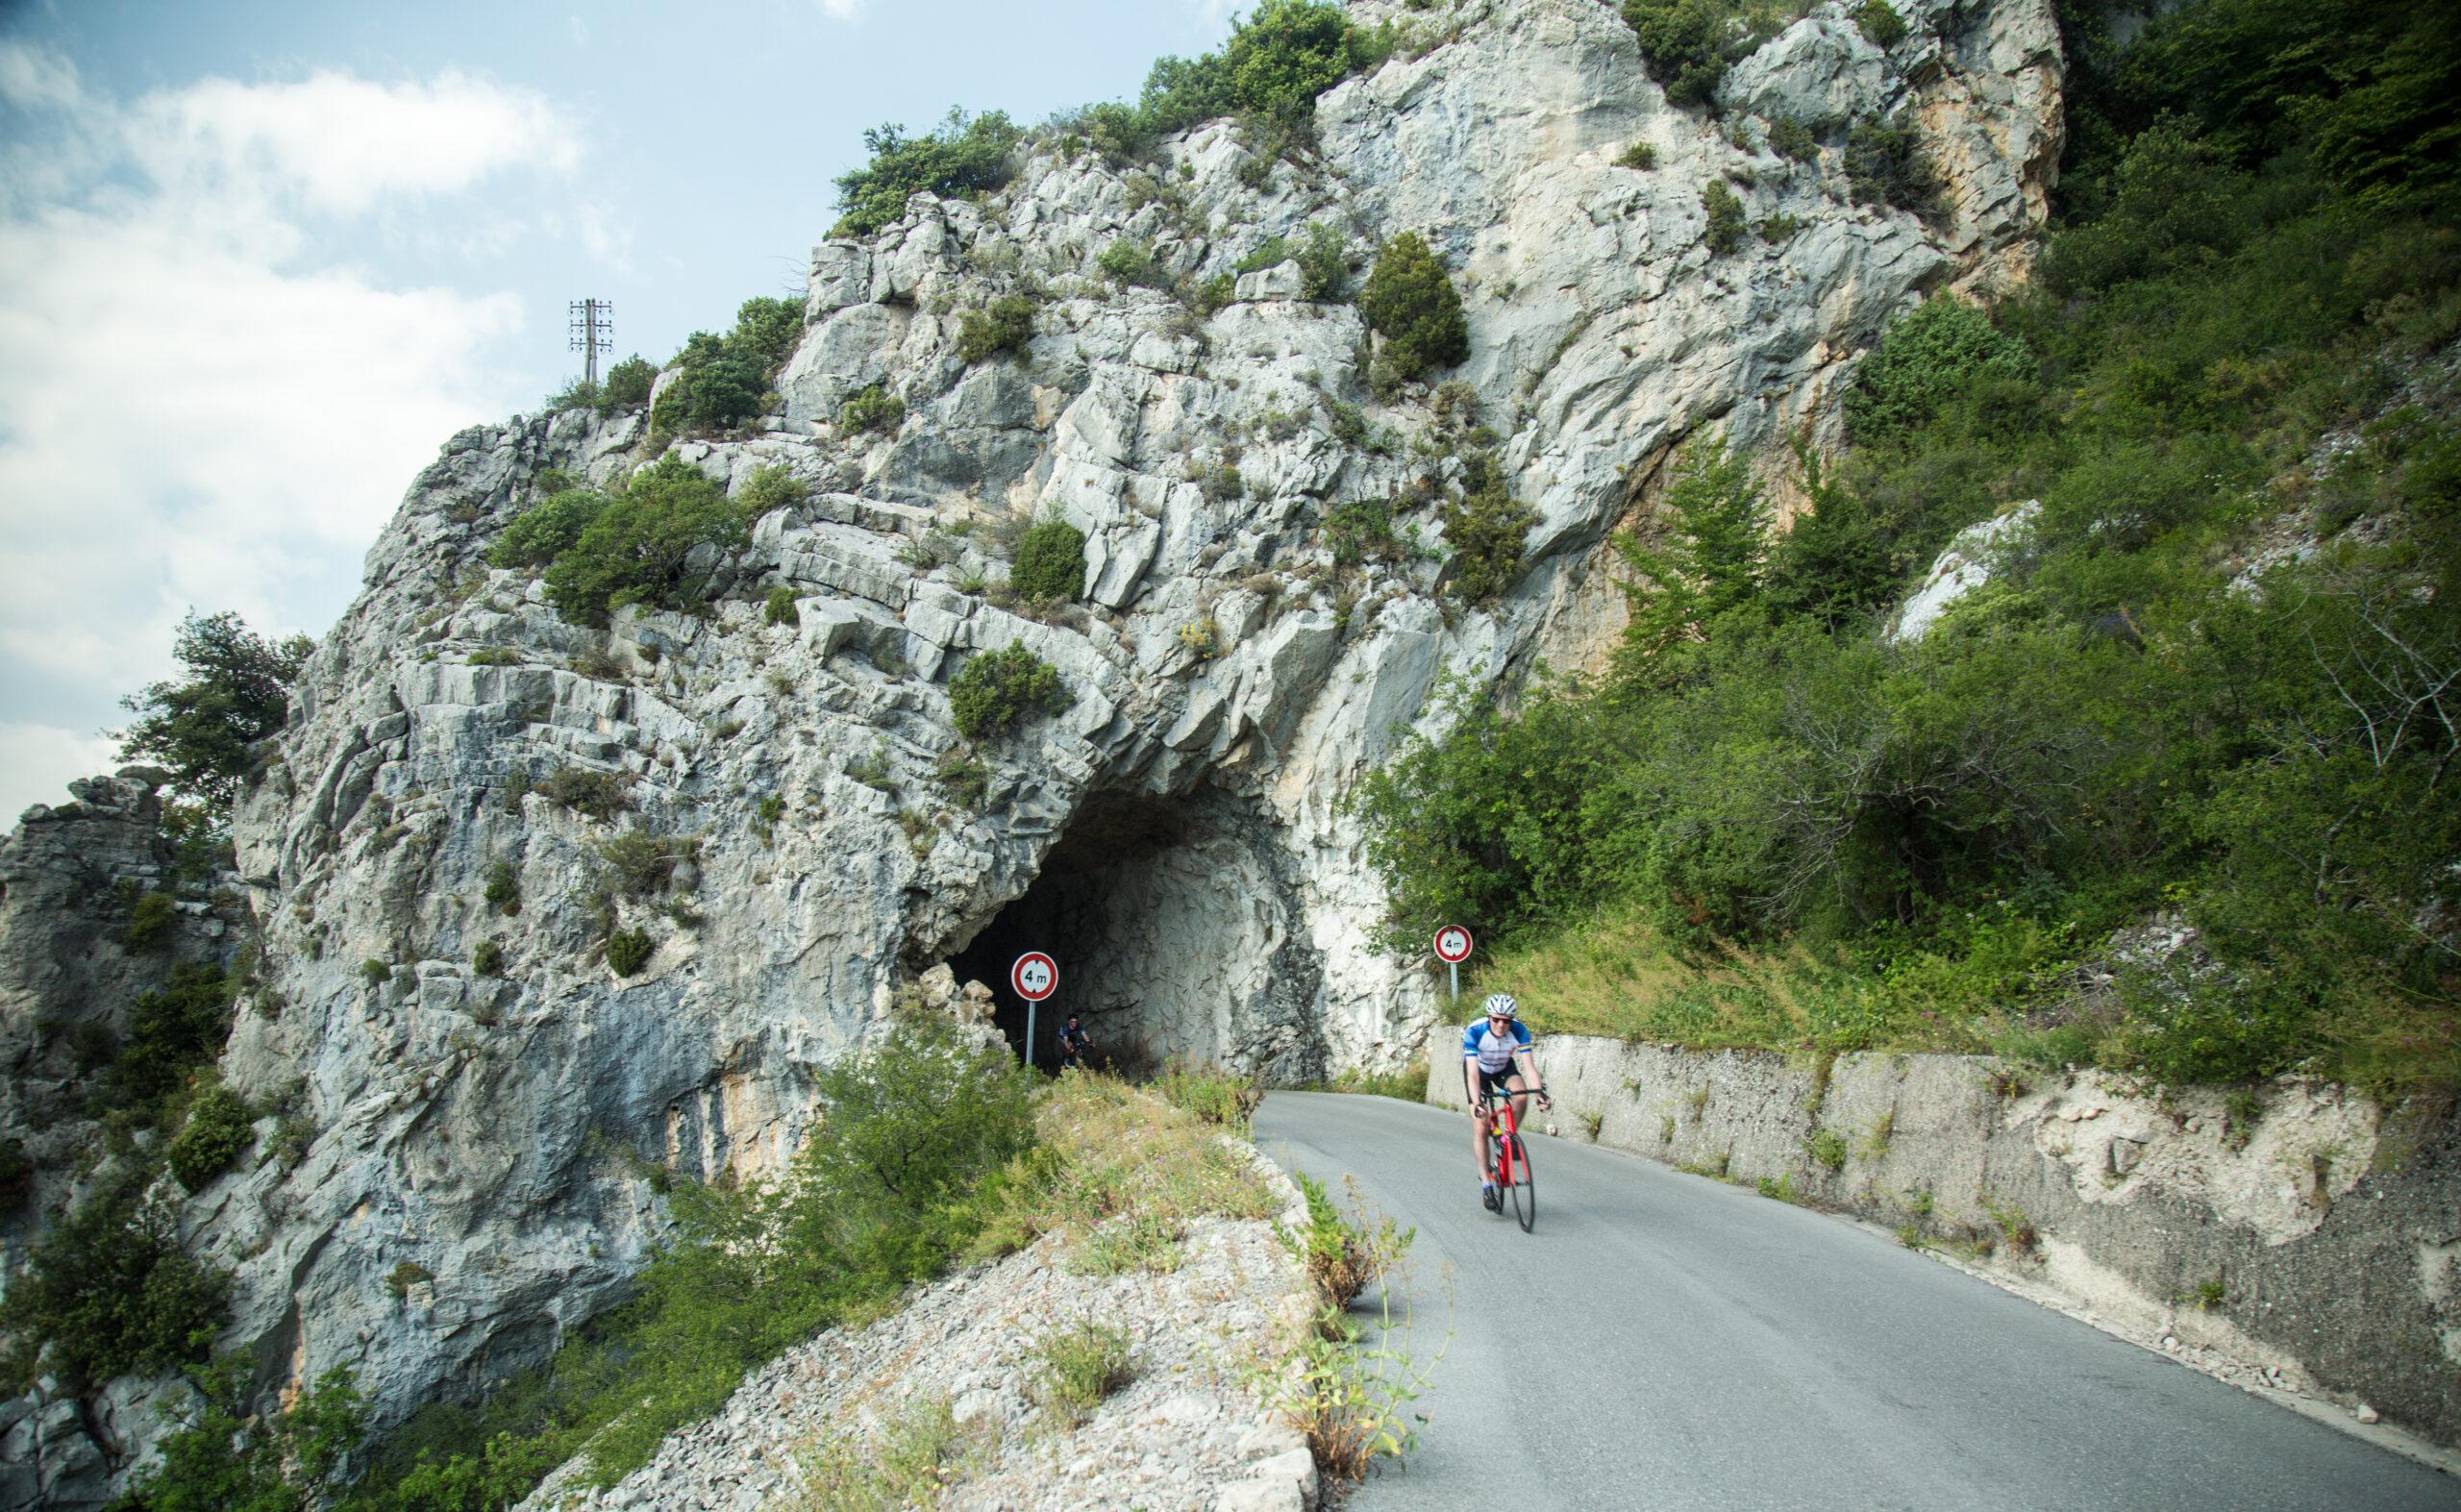 Ventoux to Alpe d'Huez